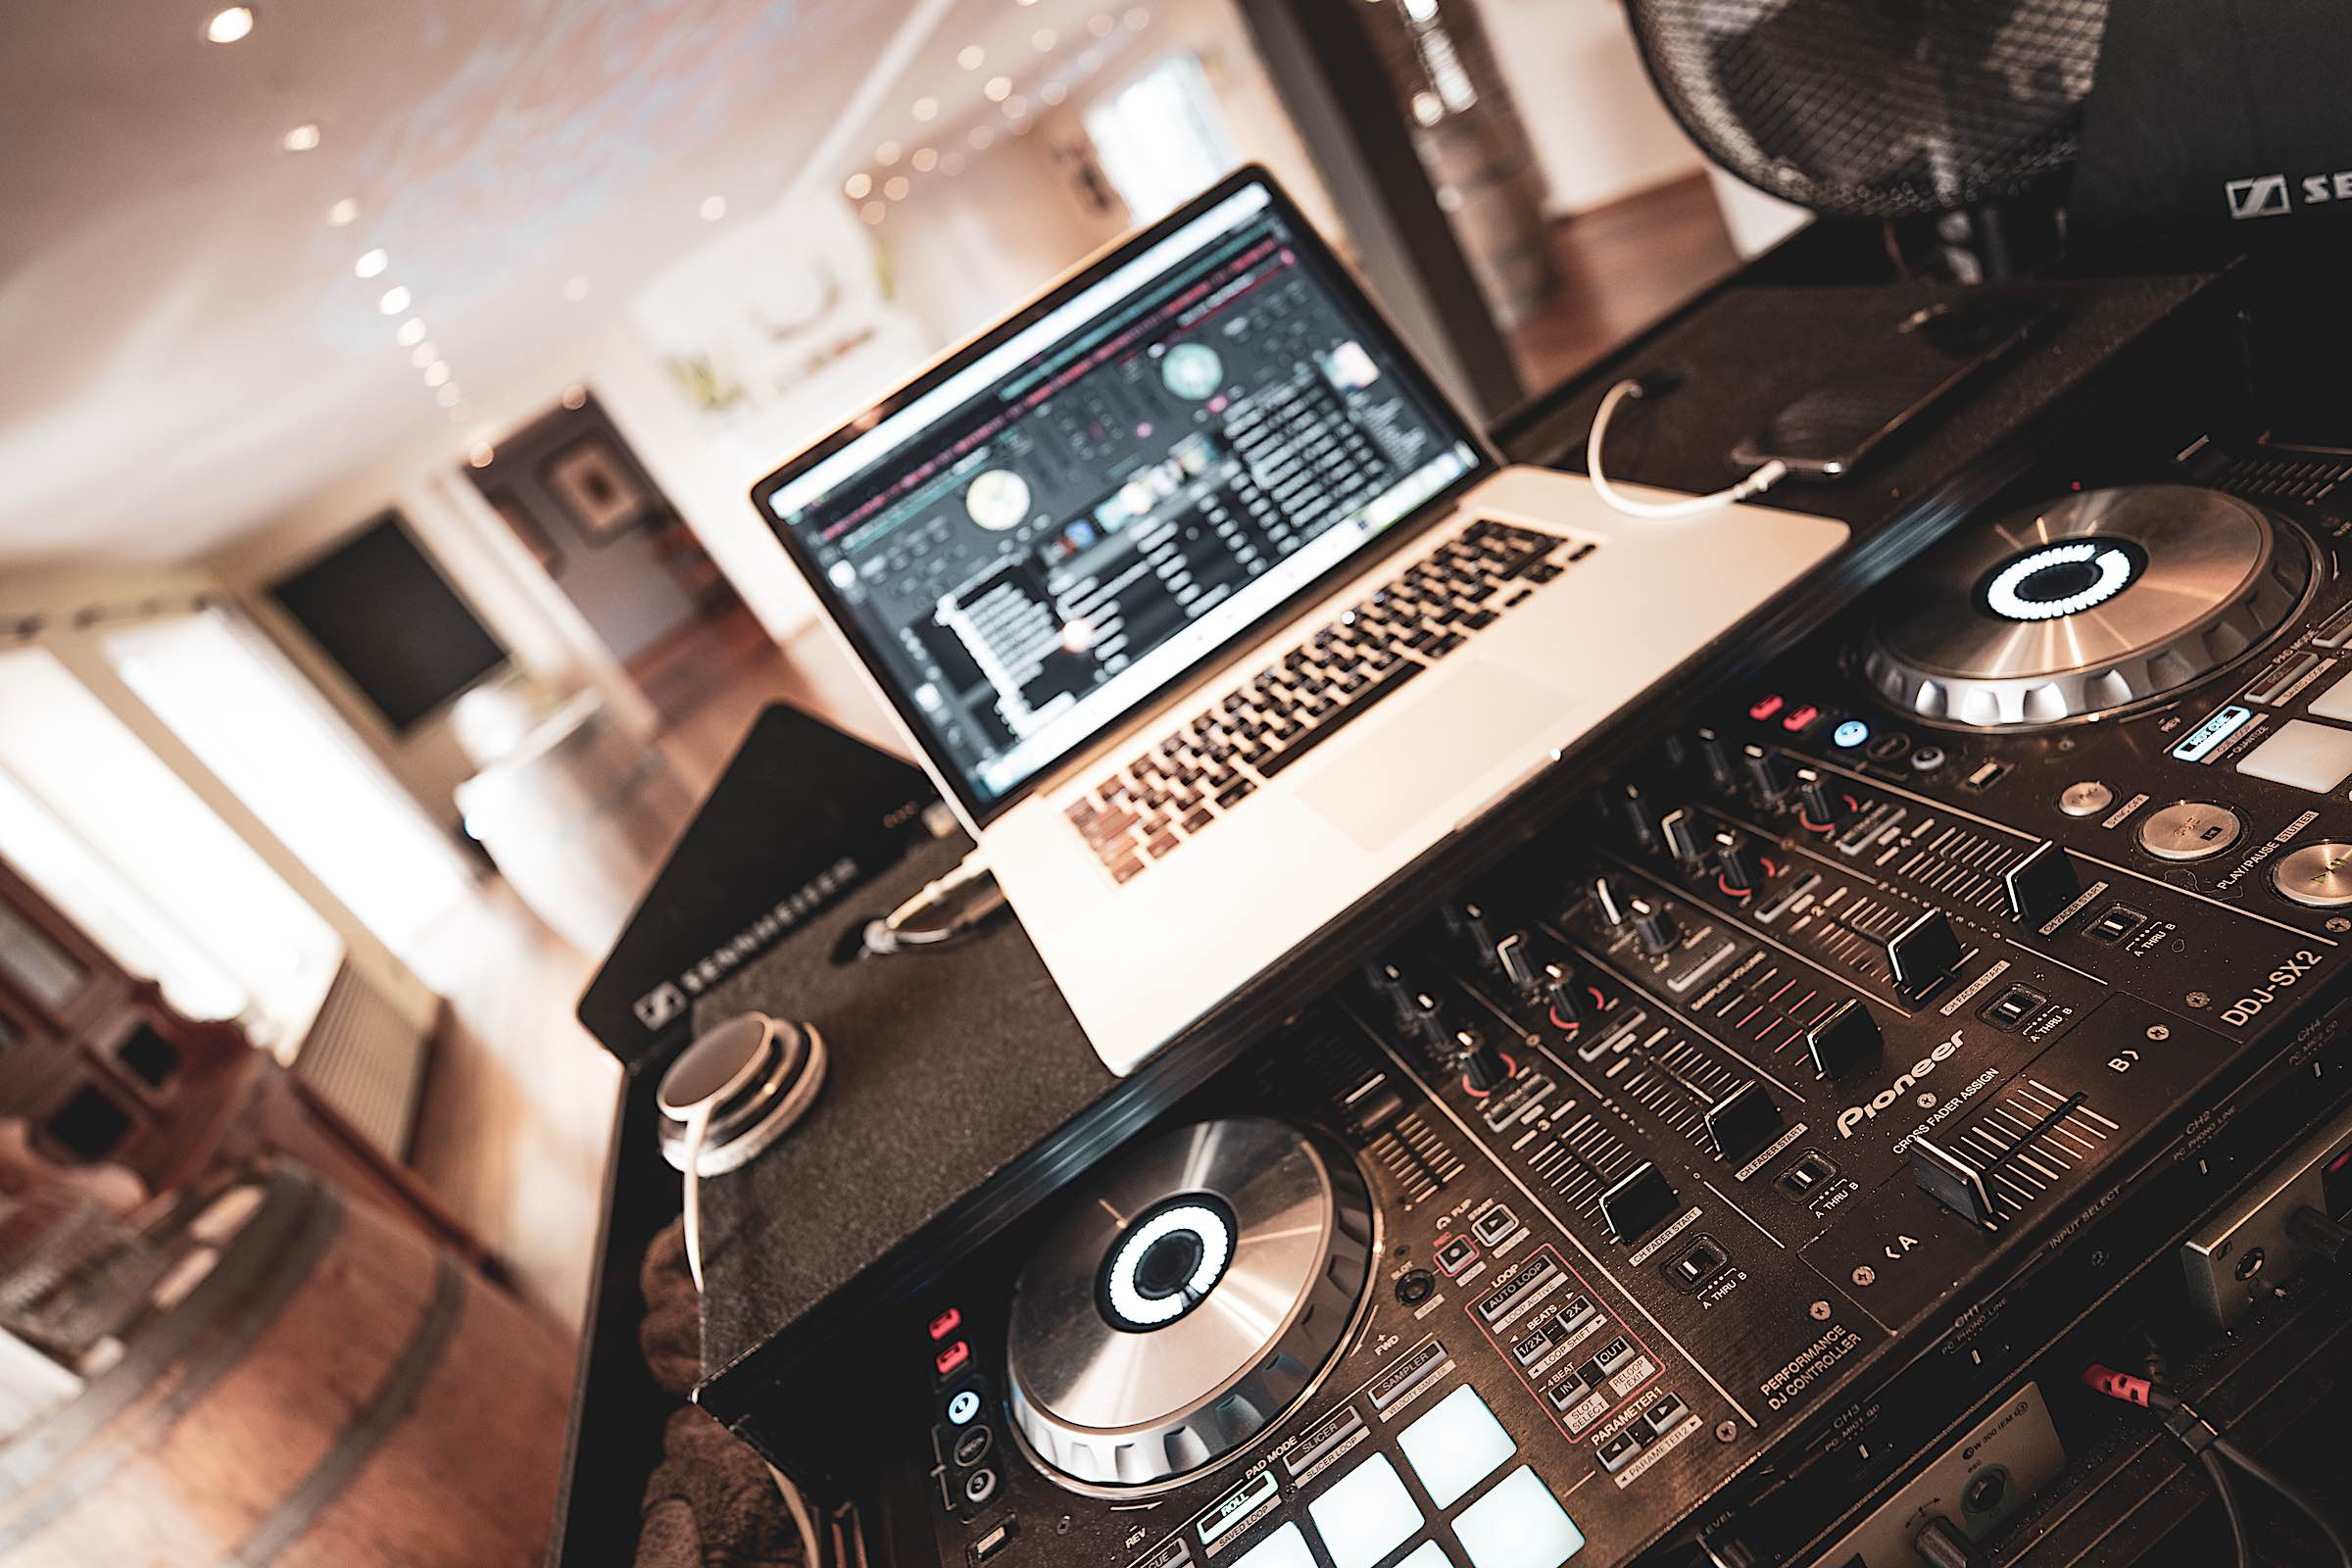 Landhaus   am   See   Restaurant   Restaurant   Referenz   Location   Fotograf   DJ   Technik   DJ   Service   DJ   Hochzeit   DJ   Geburtstaga   DJ   Firmenfeier   Eröffnungstanz   Mieten   Buchen